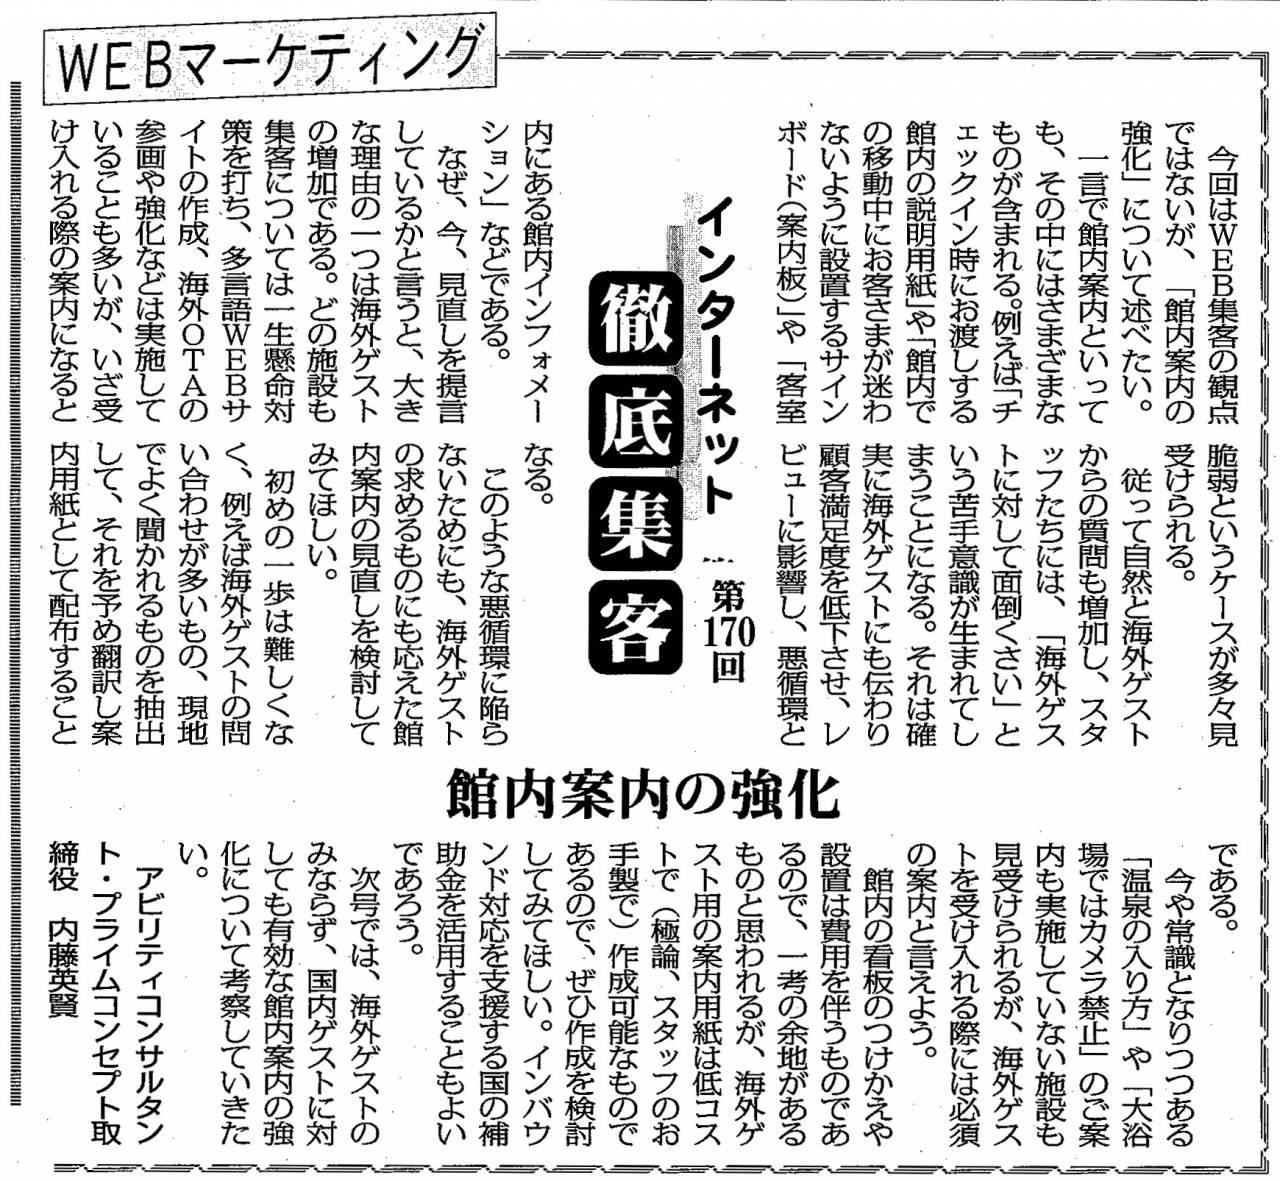 【第170回】WEBマーケティング 館内案内の強化